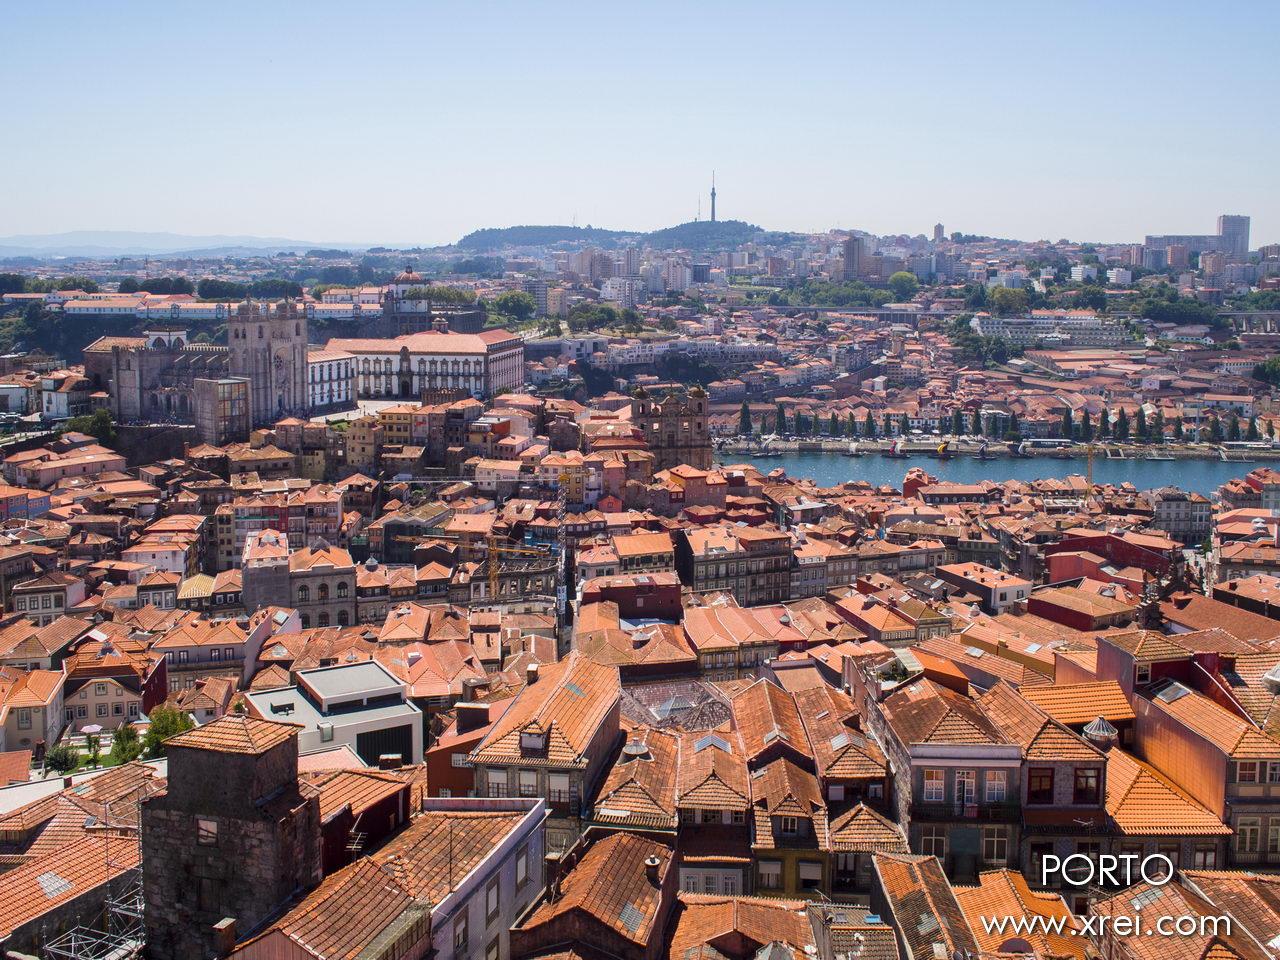 Vista desde la torre de los clérigos, los tejados de los edificios de Oporto, la Catedral, la iglesia de São Lourenço, el río Duero y la orilla sur